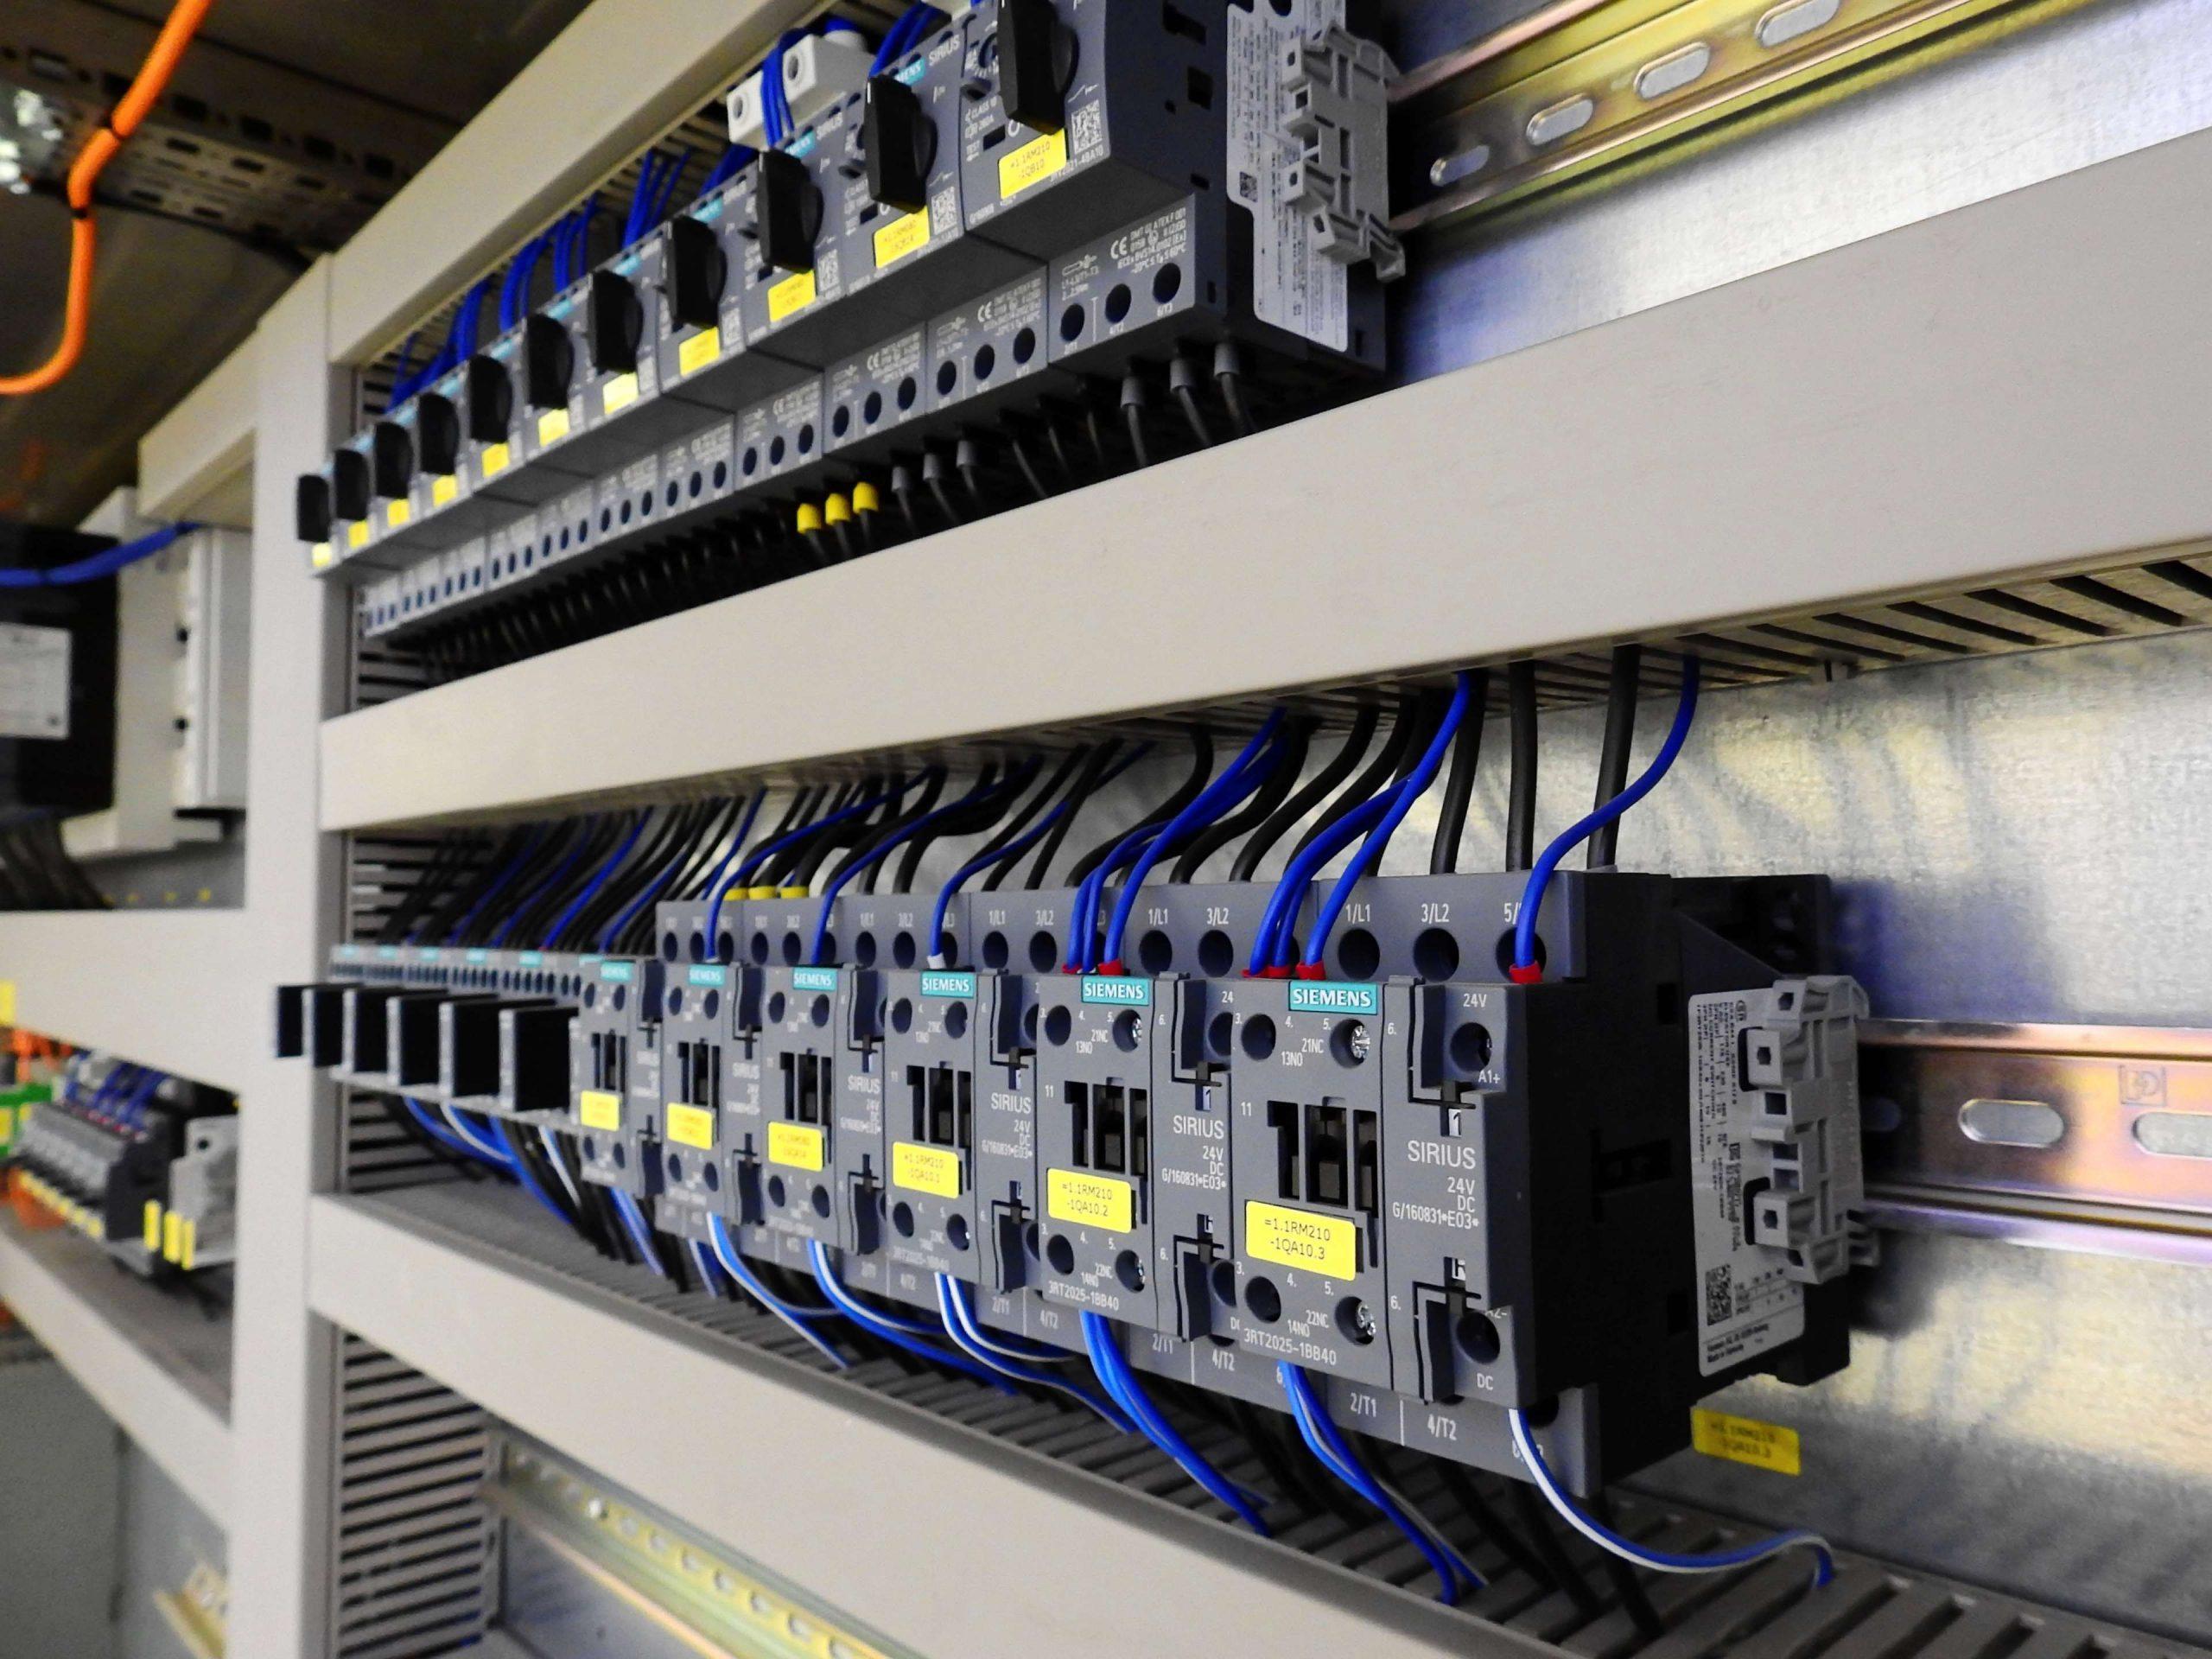 Принципы построения прогнозной модели электропотребления промышленного предприятия на основе искусственной нейронной сети